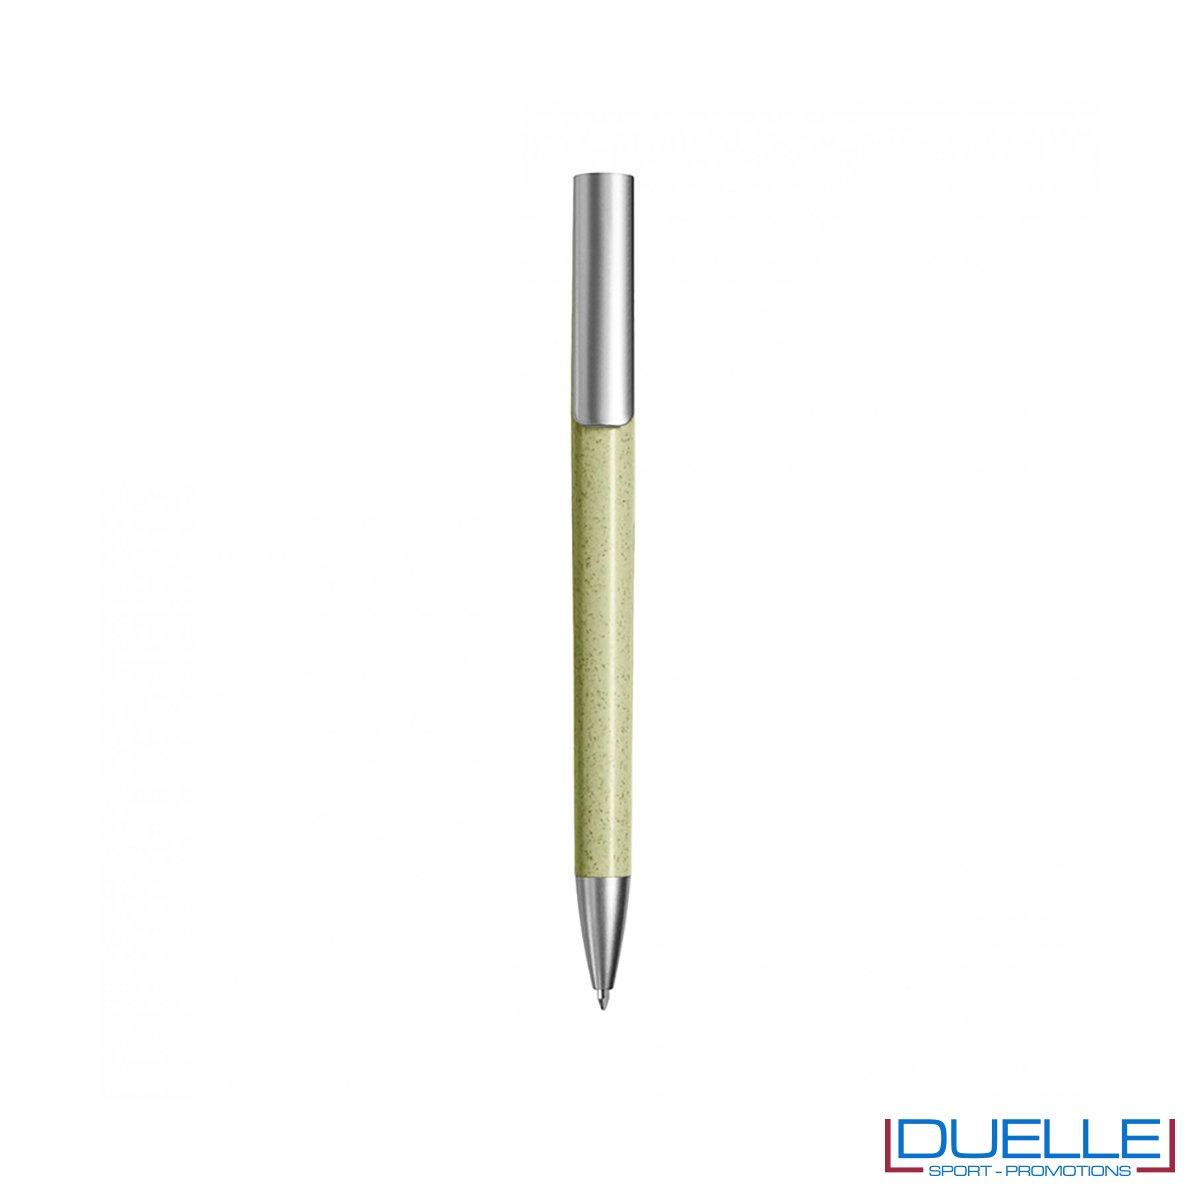 Penna ecologica in fibra di grano colore verde personalizzata